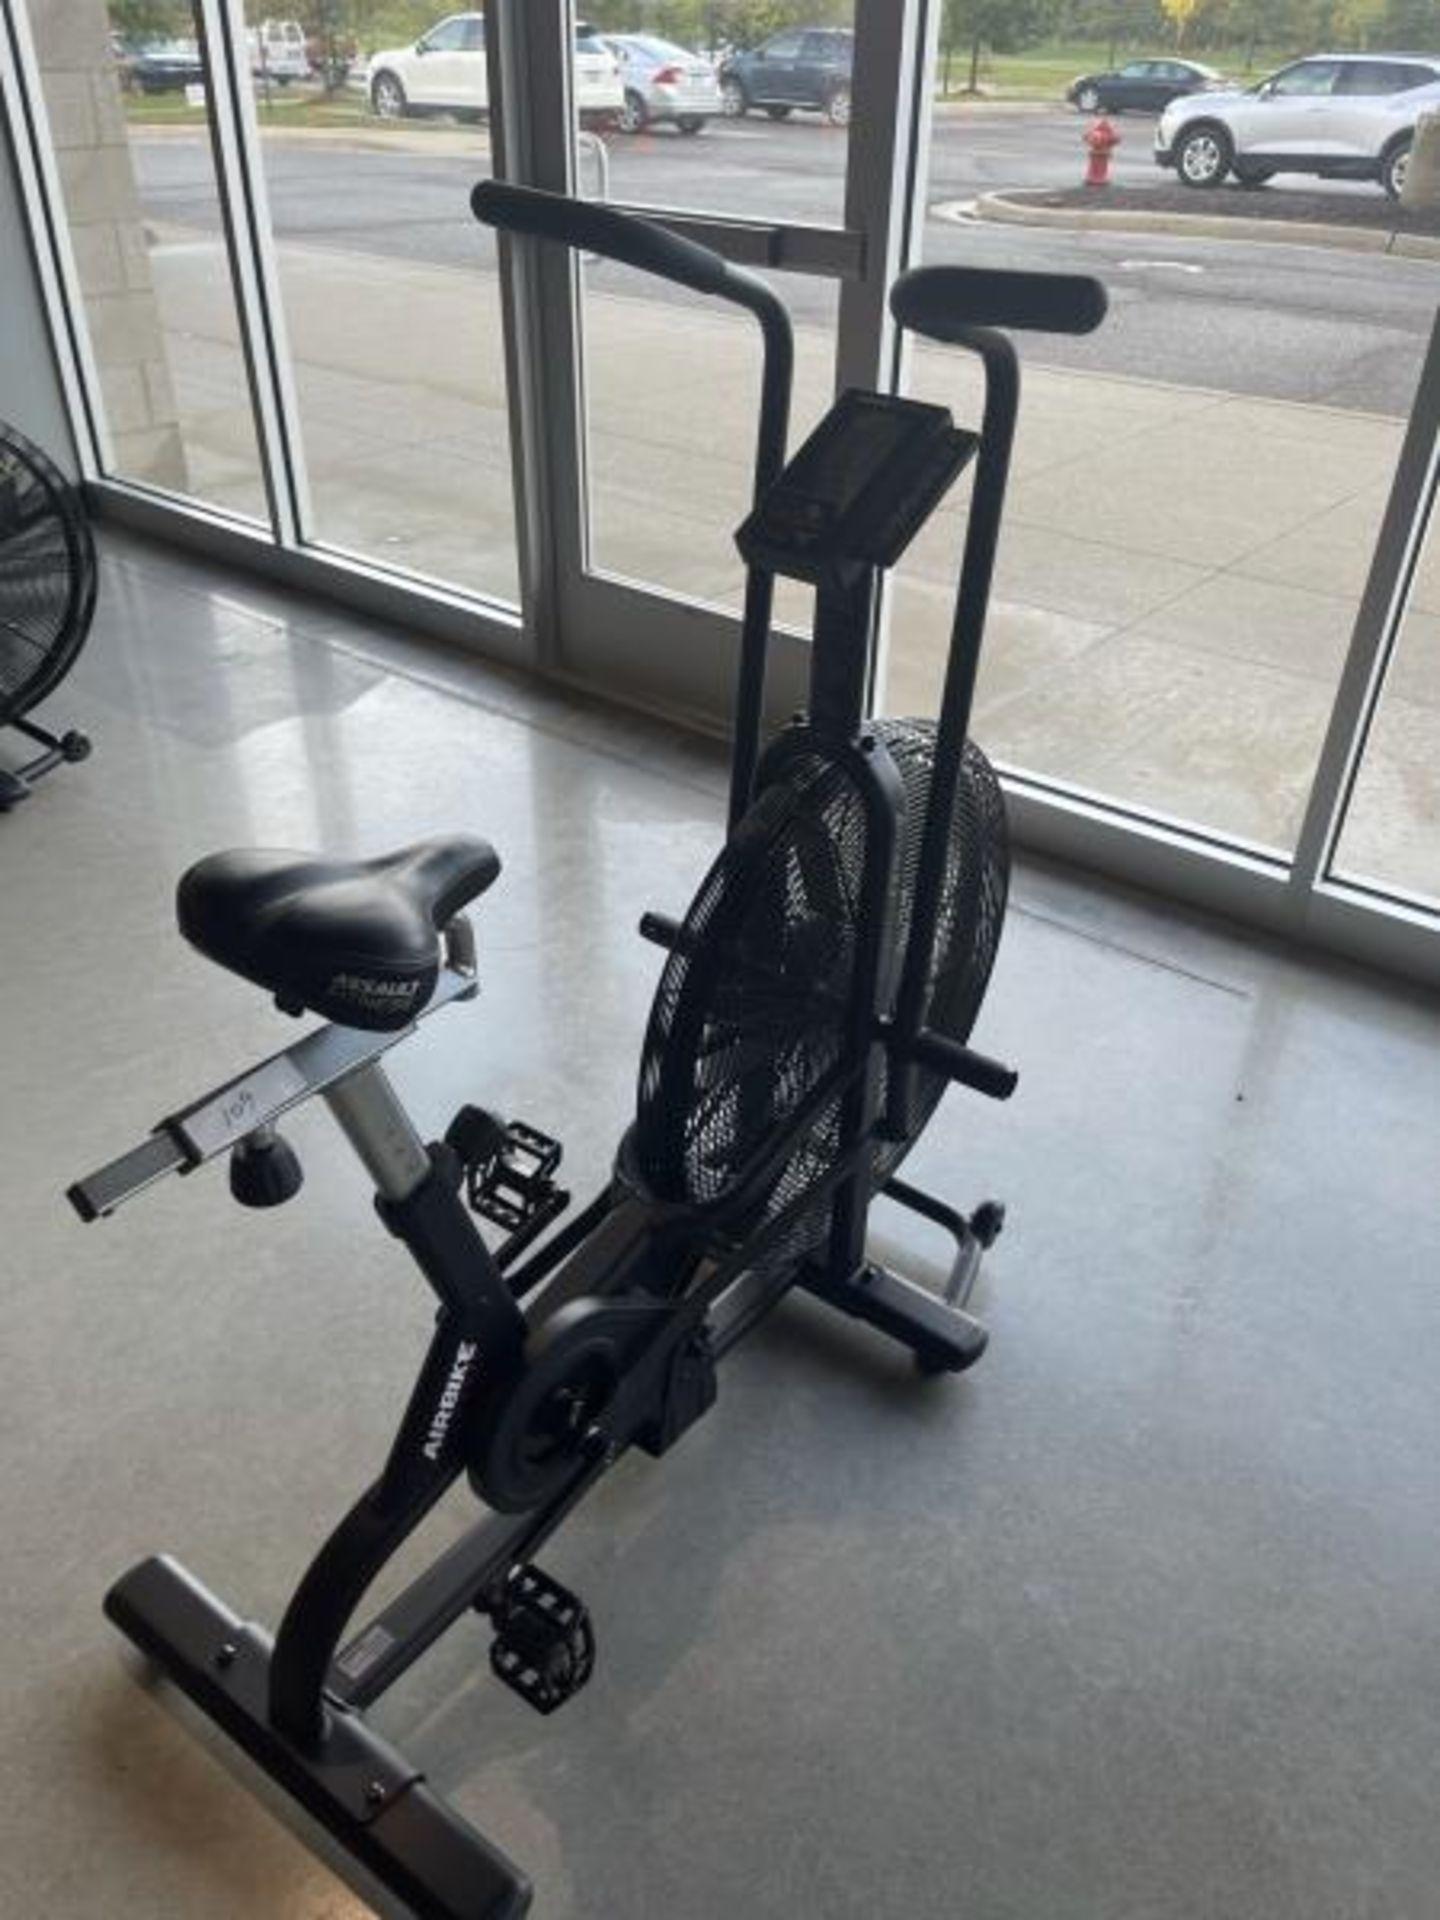 Assault Fitness Air Bike M: ASSAULTAIRBIKE - Image 7 of 7